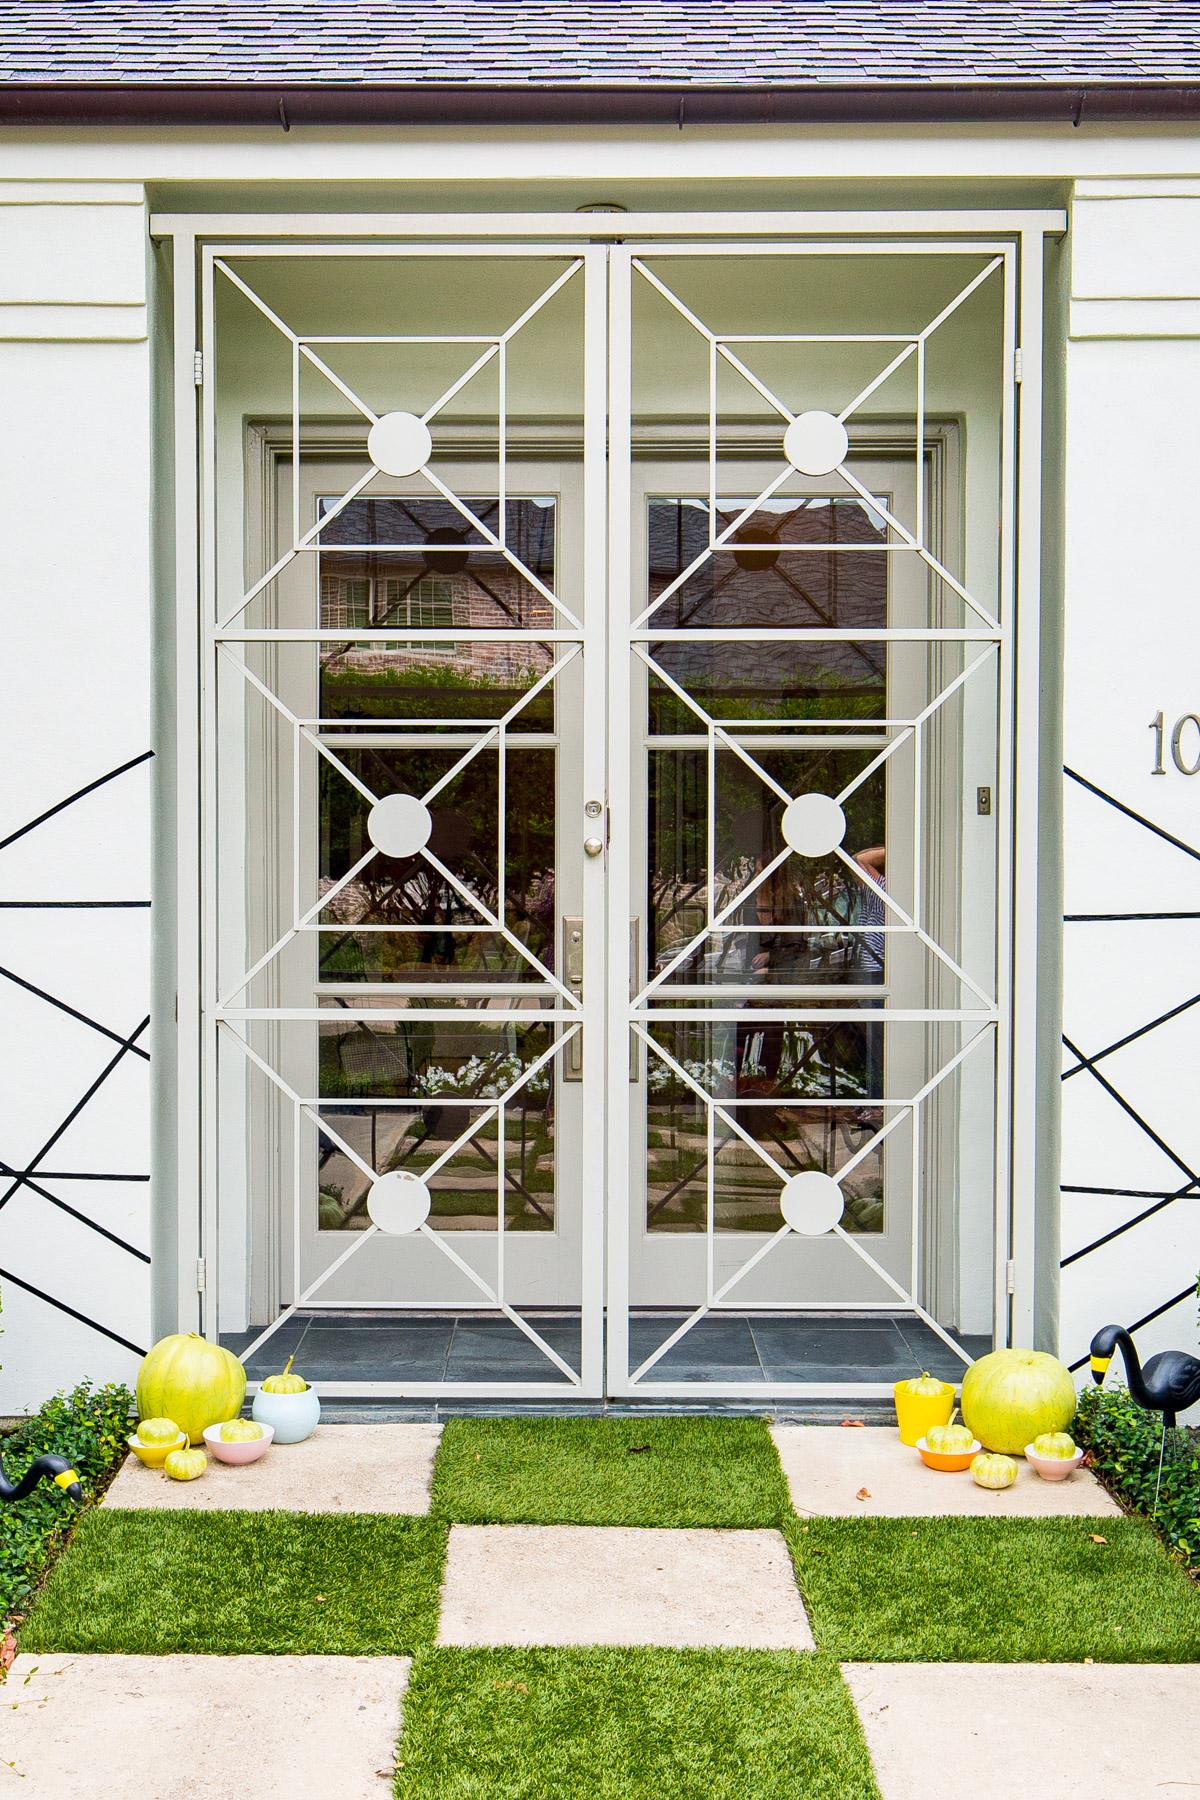 Posicione suas abóboras e velinhas do lado de fora de casa, para os convidados já irem entrando no clima de halloween